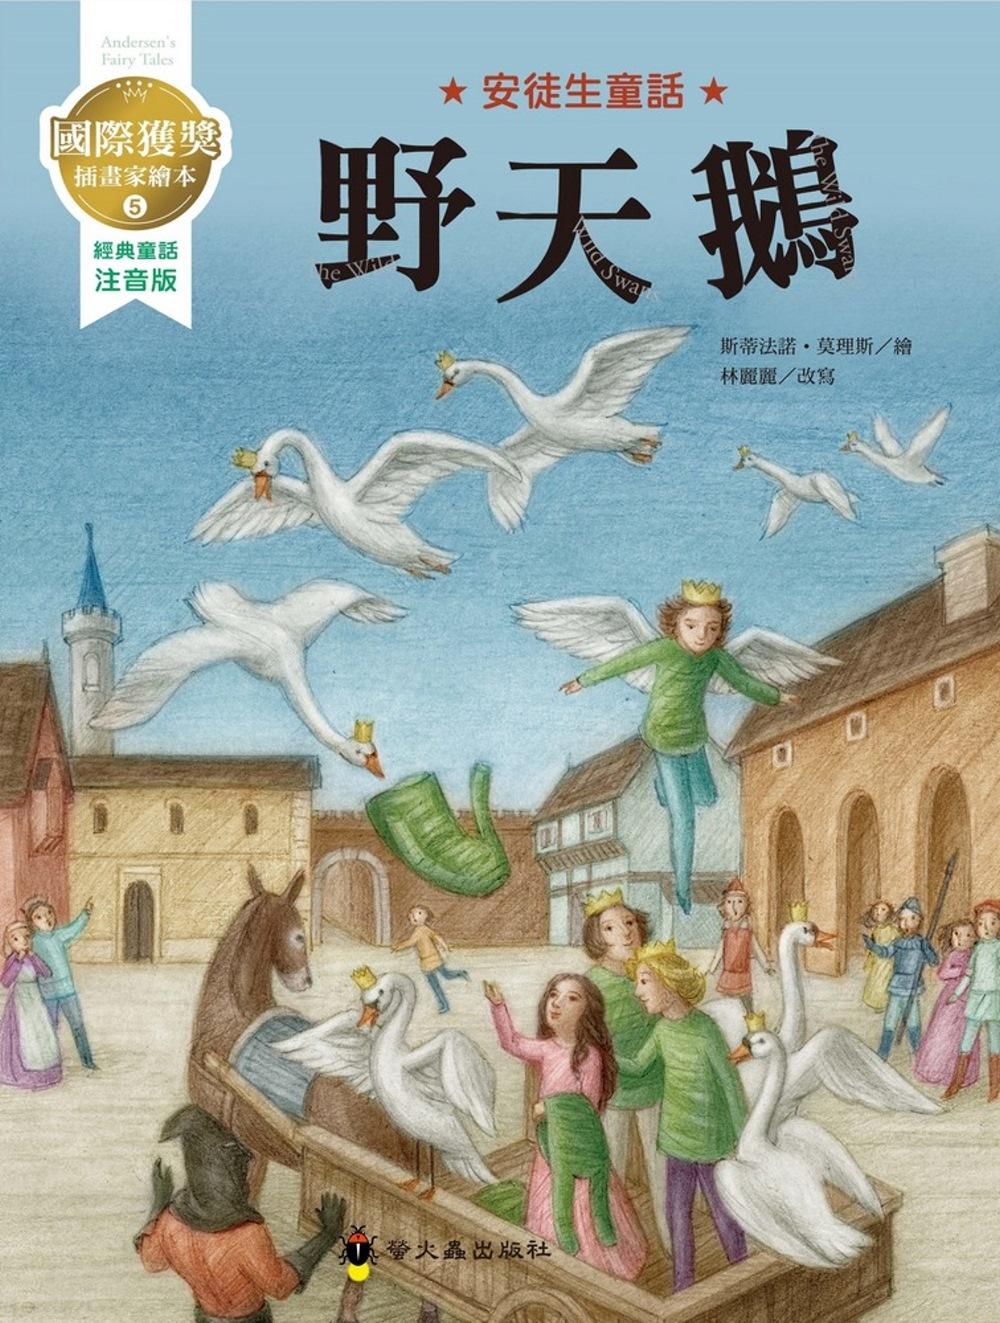 野天鵝:國際獲獎插畫家安徒生童話繪本